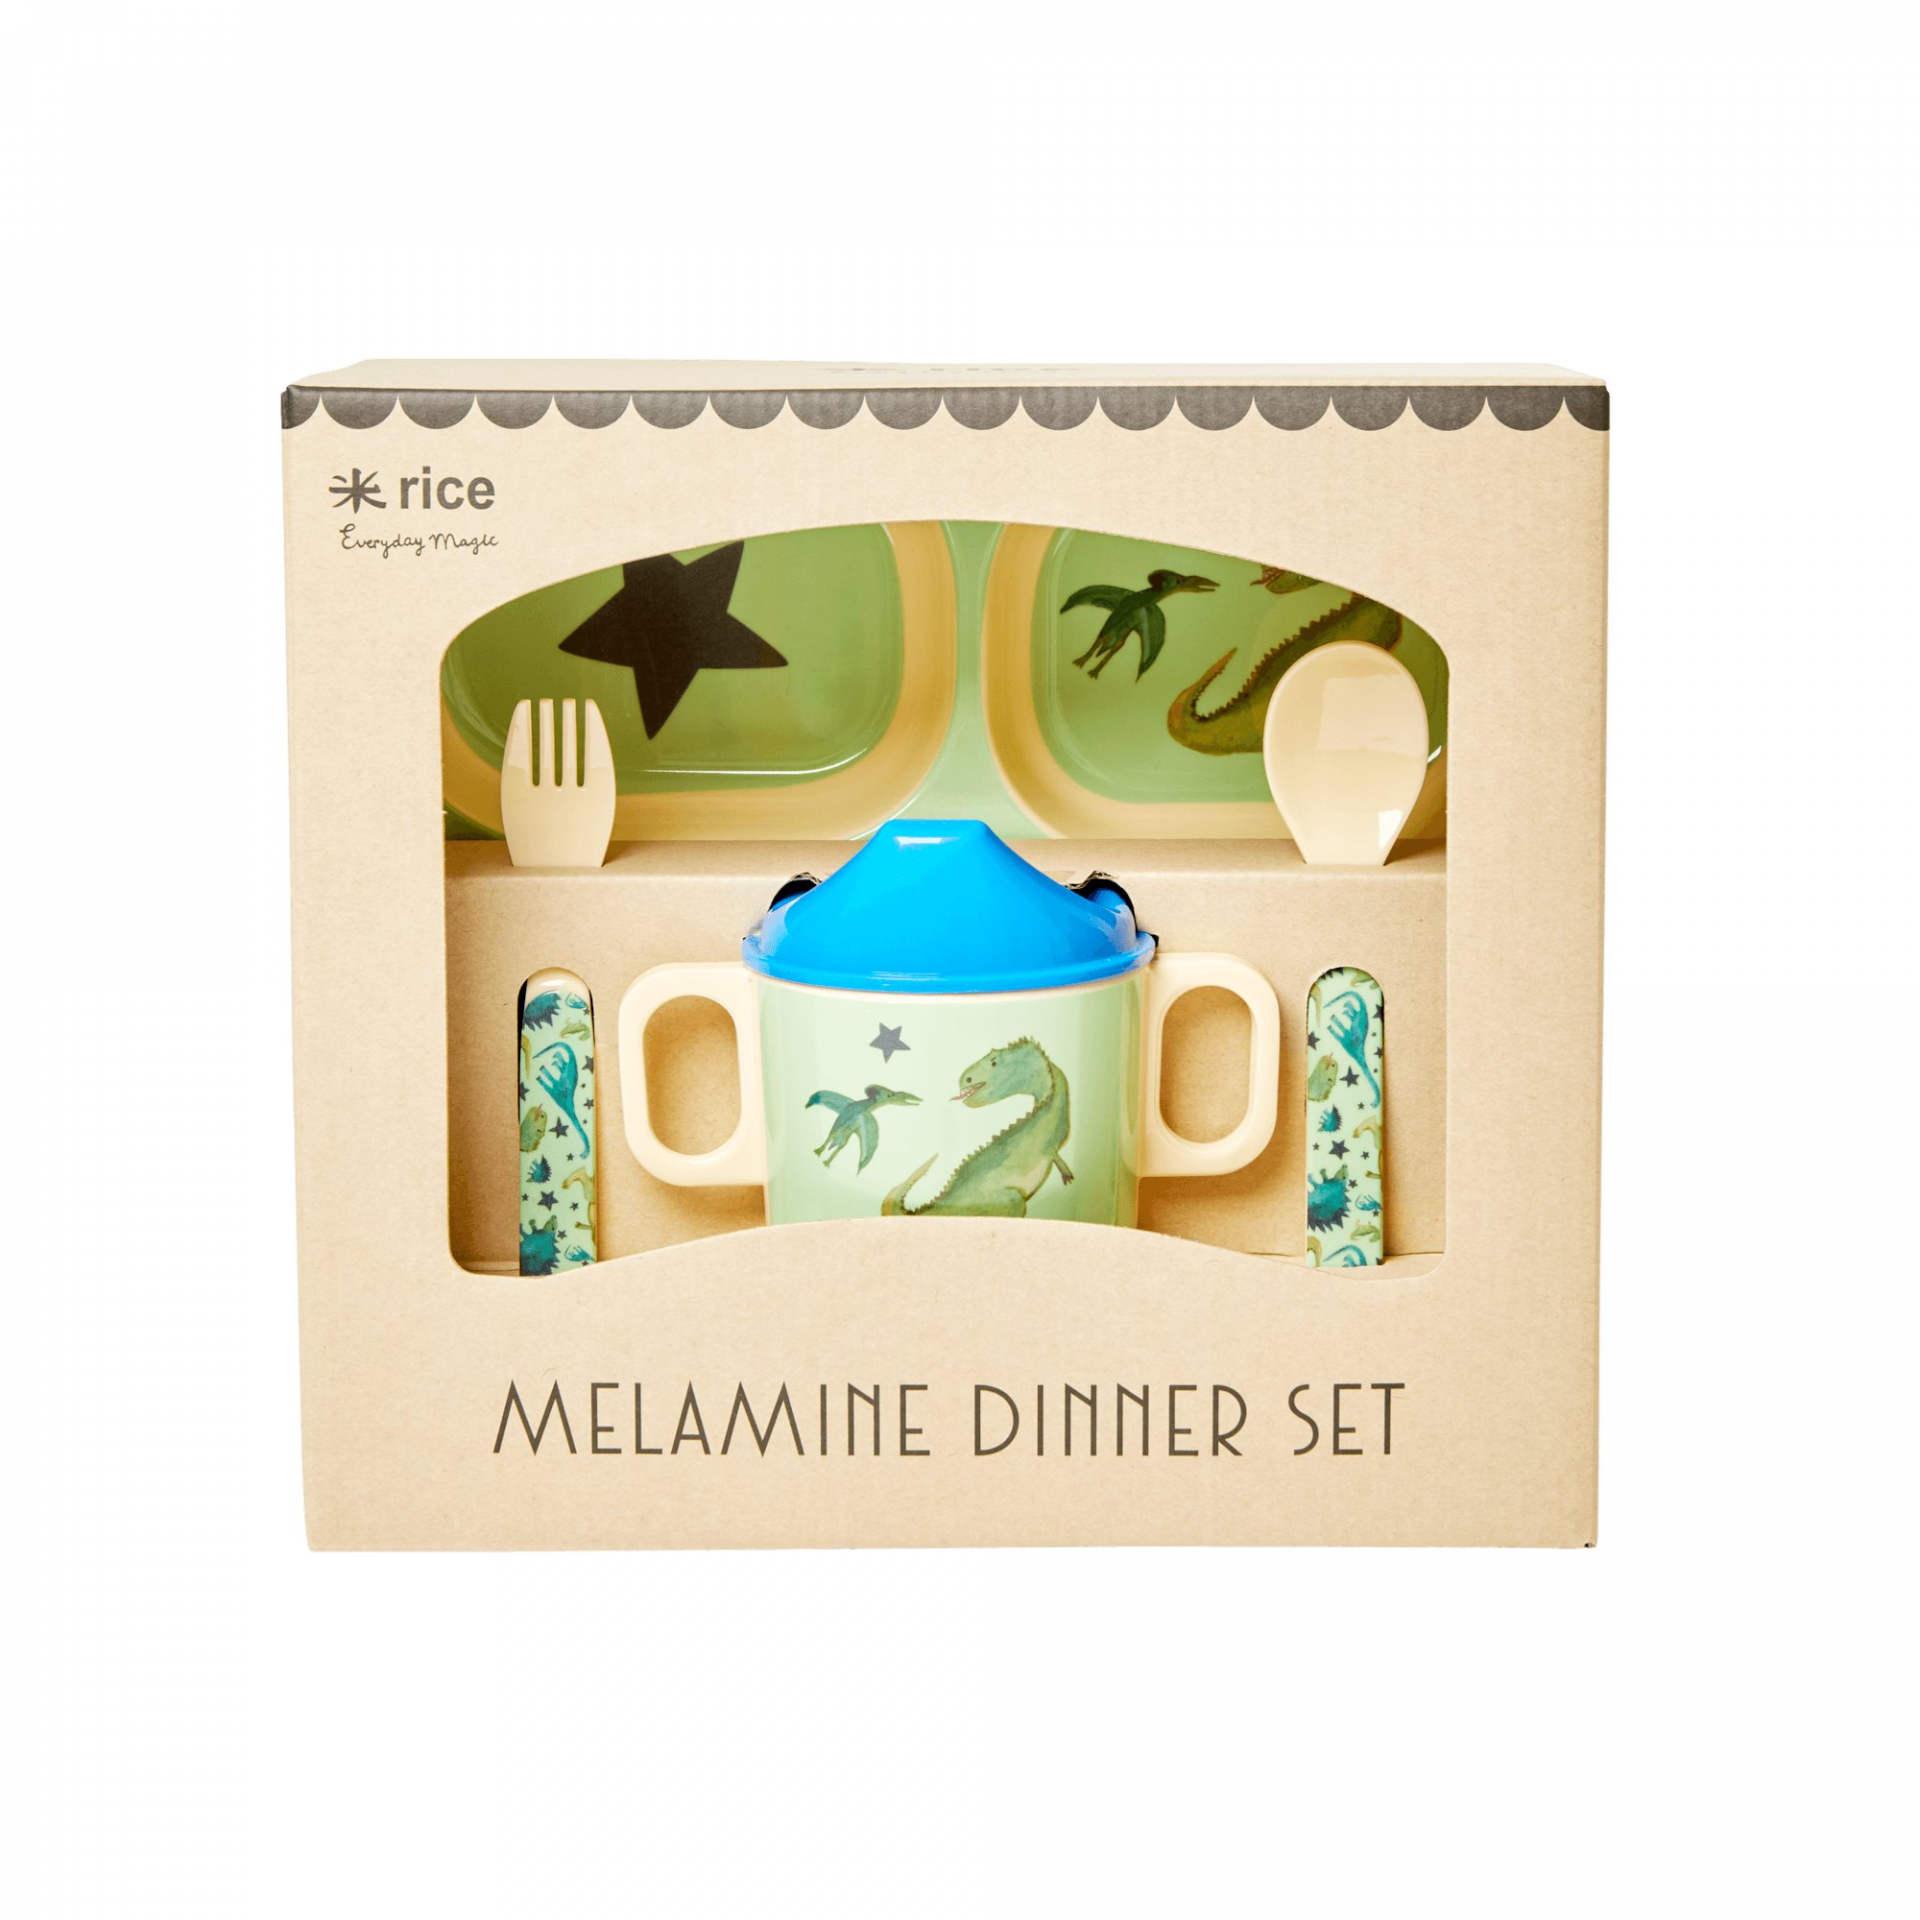 rice Set melaminového nádobí pro děti Dinosaurs Print, modrá barva, zelená barva, melamin